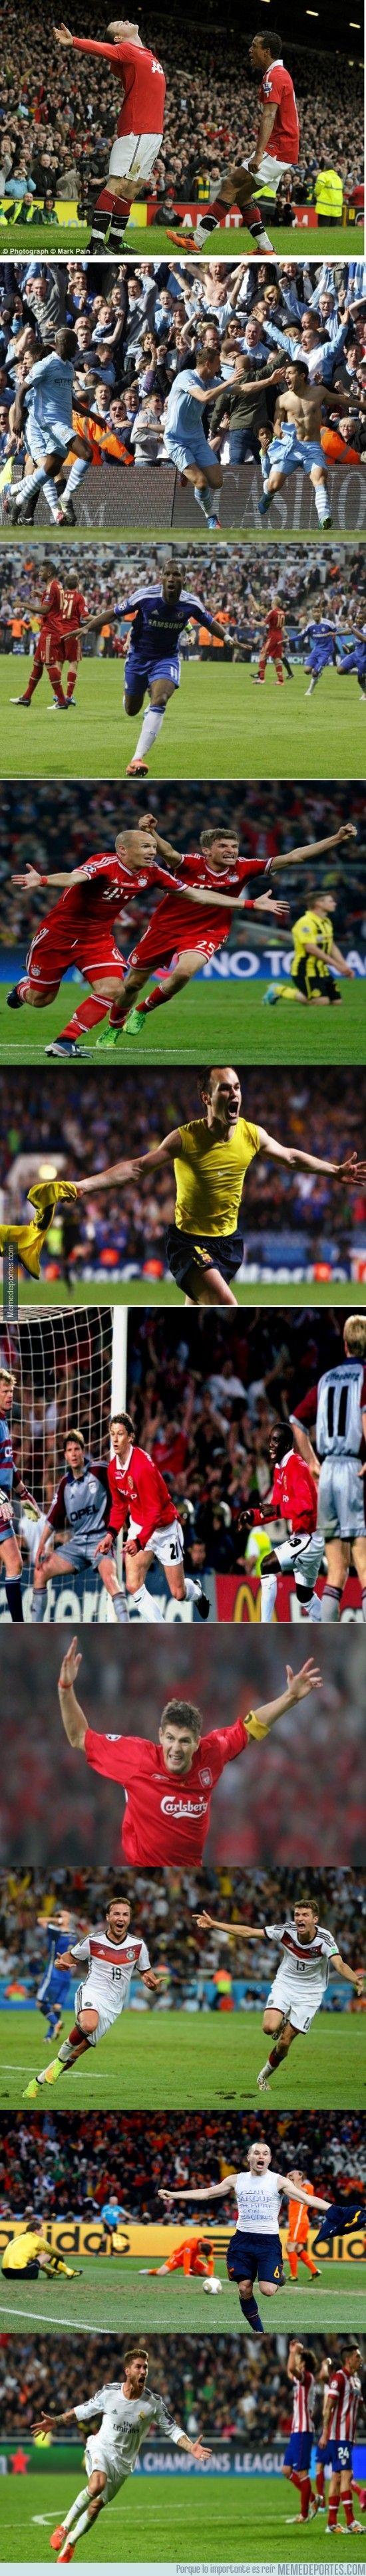 Gol de Gotze ante Argentina en el pasado Mundial Gol de Iniesta ante Holanda en el Mundial de Sudáfrica Gol de Ramos en el 93 ante el Atlet